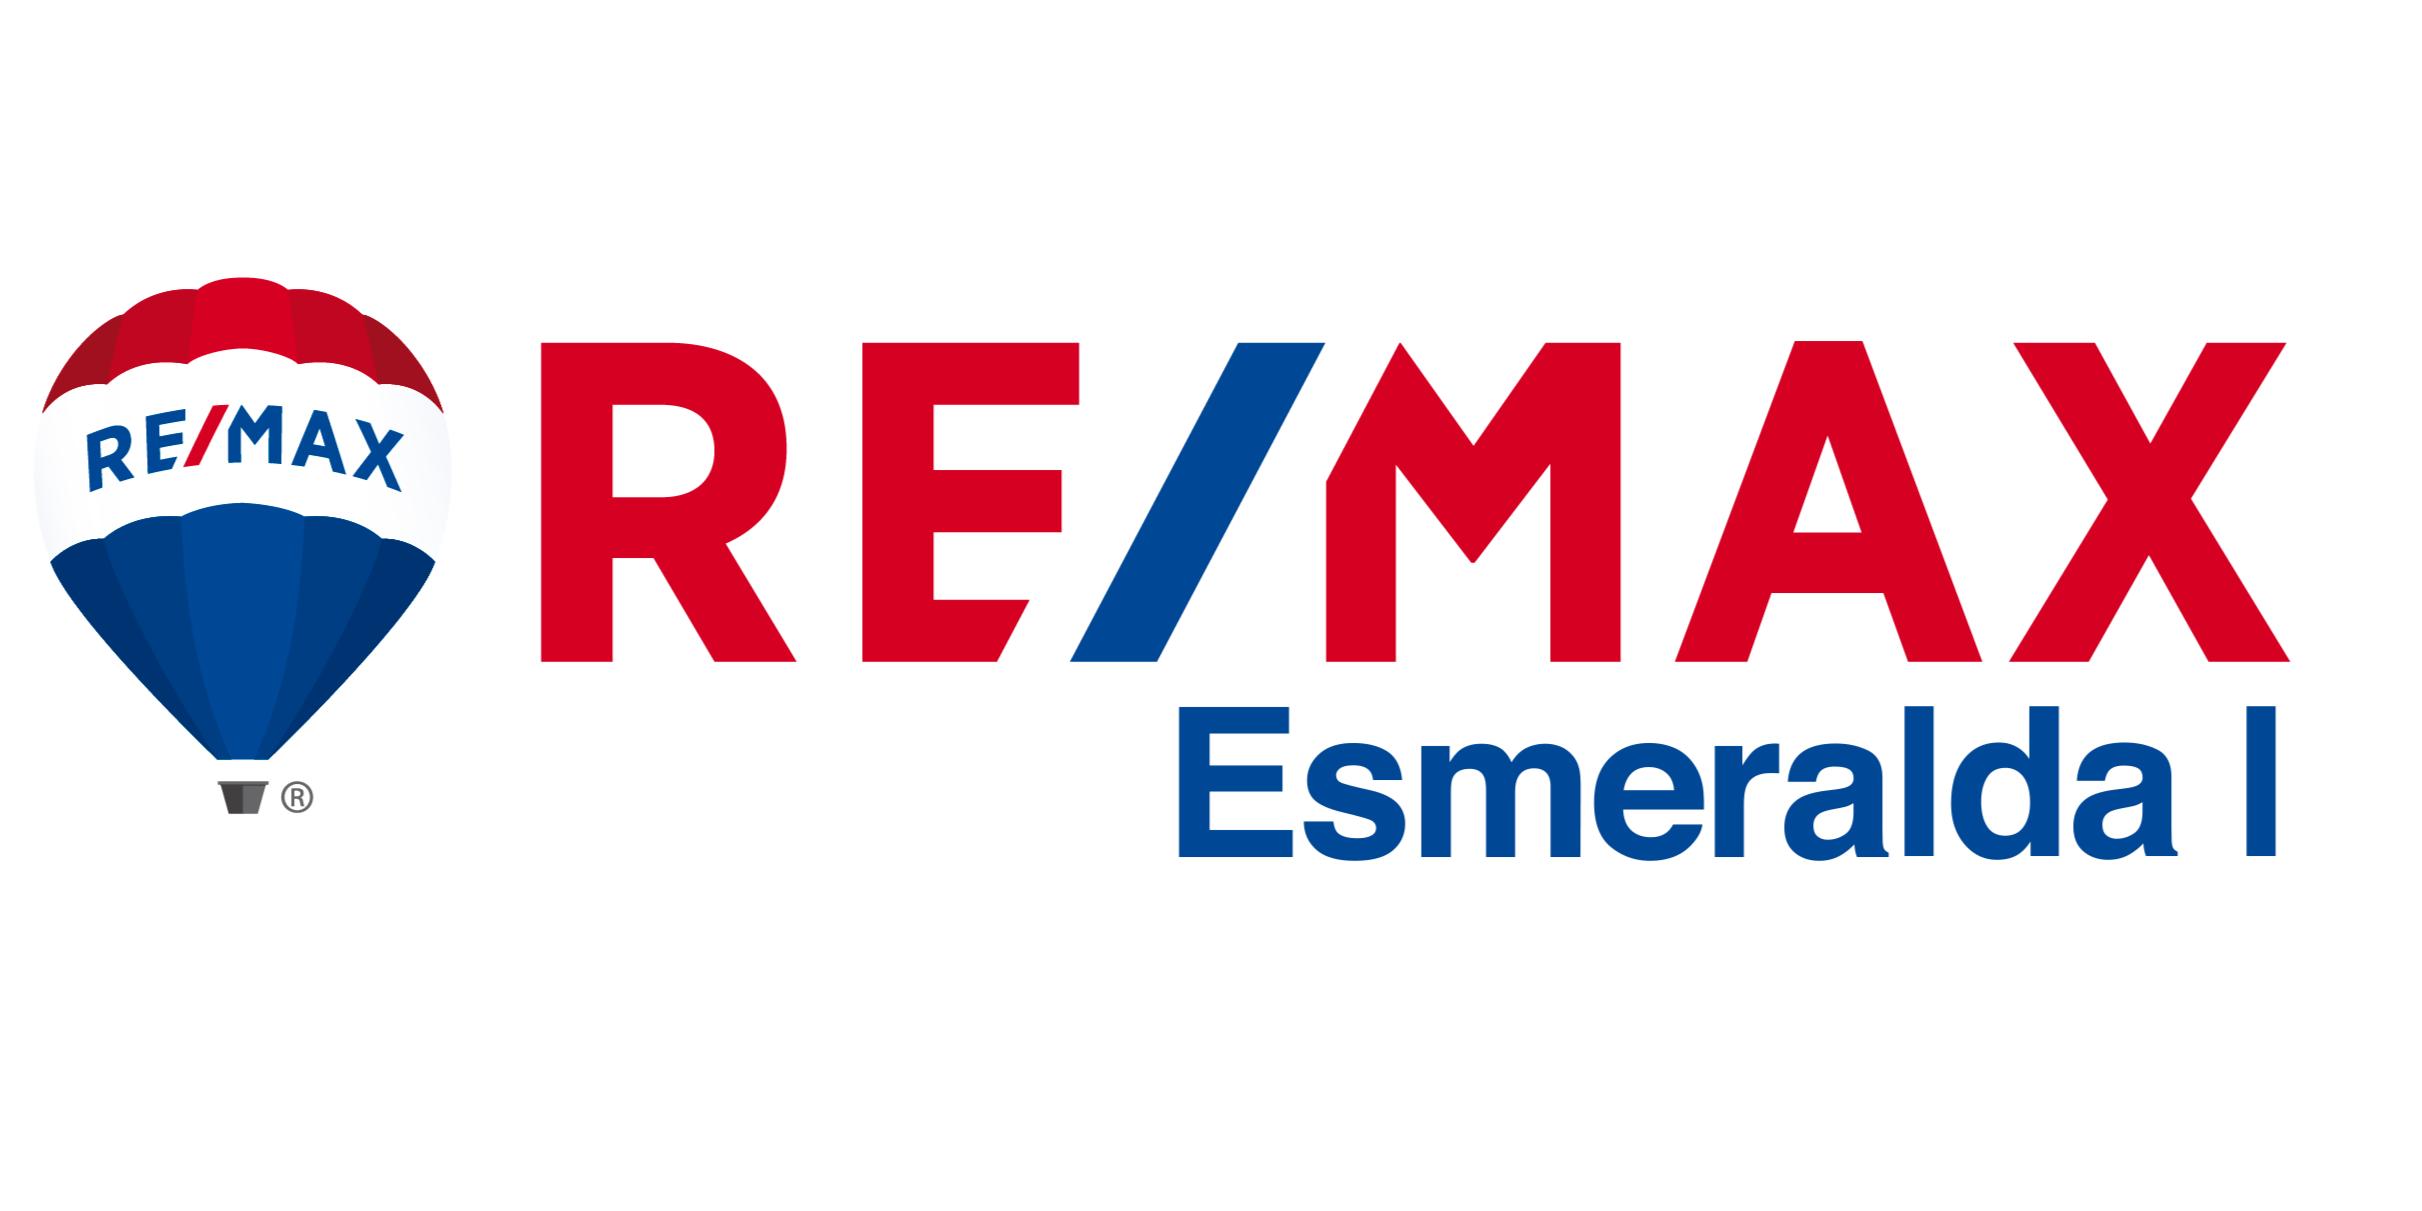 RE/MAX Esmeralda